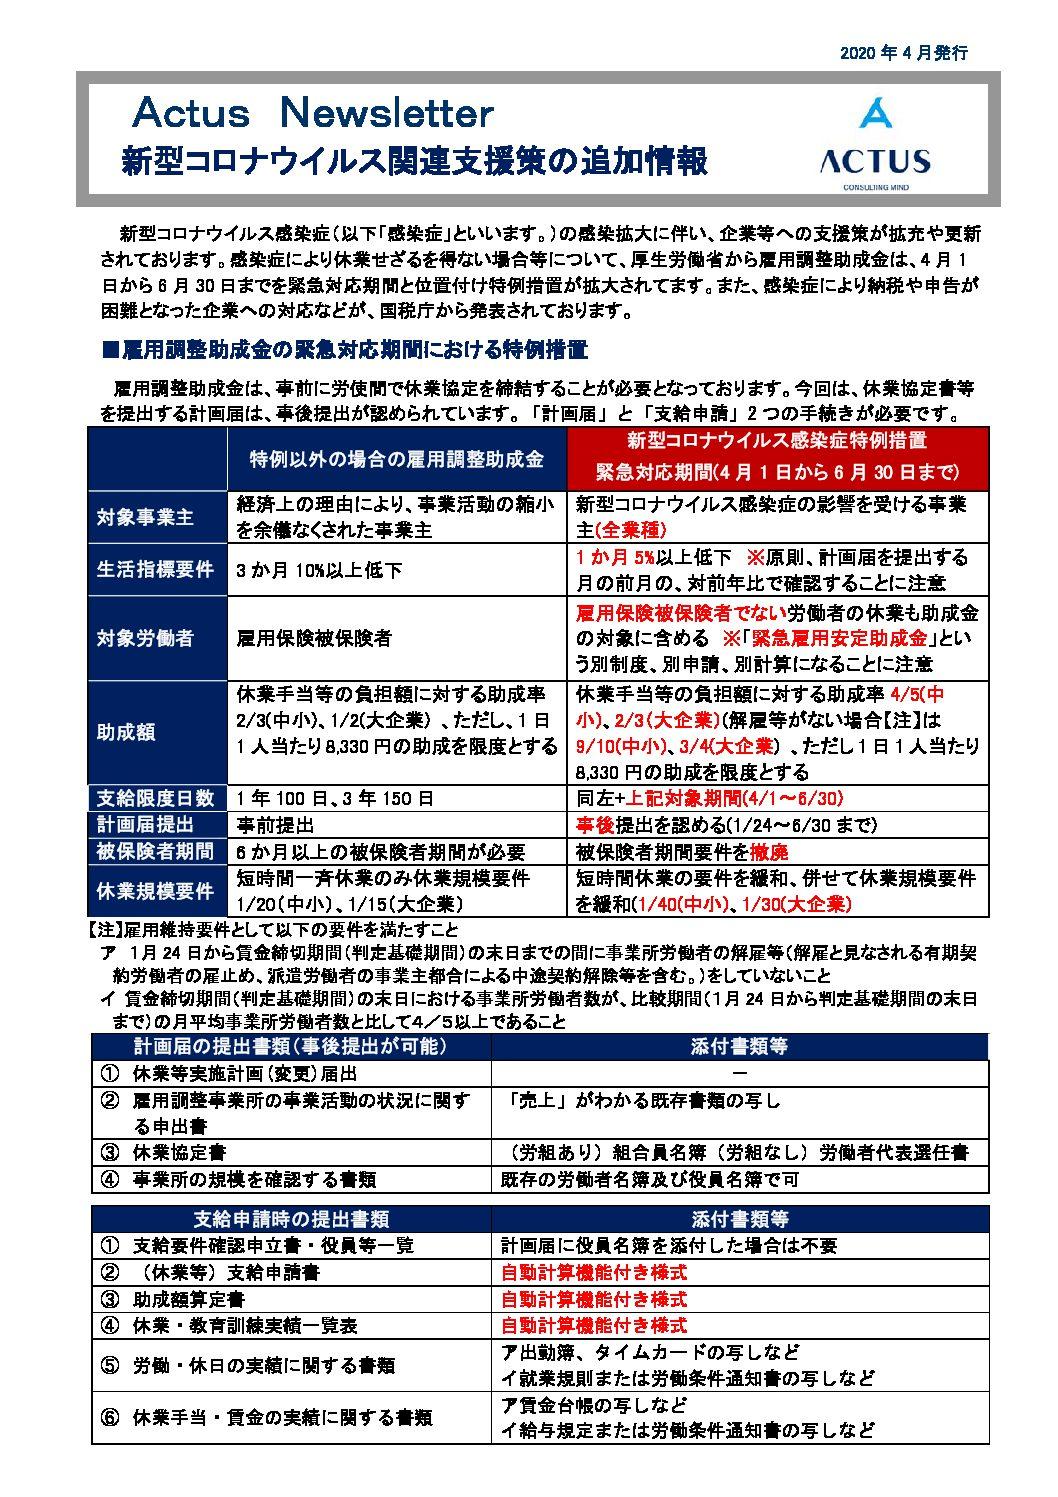 新型コロナウイルス関連支援策の追加情報